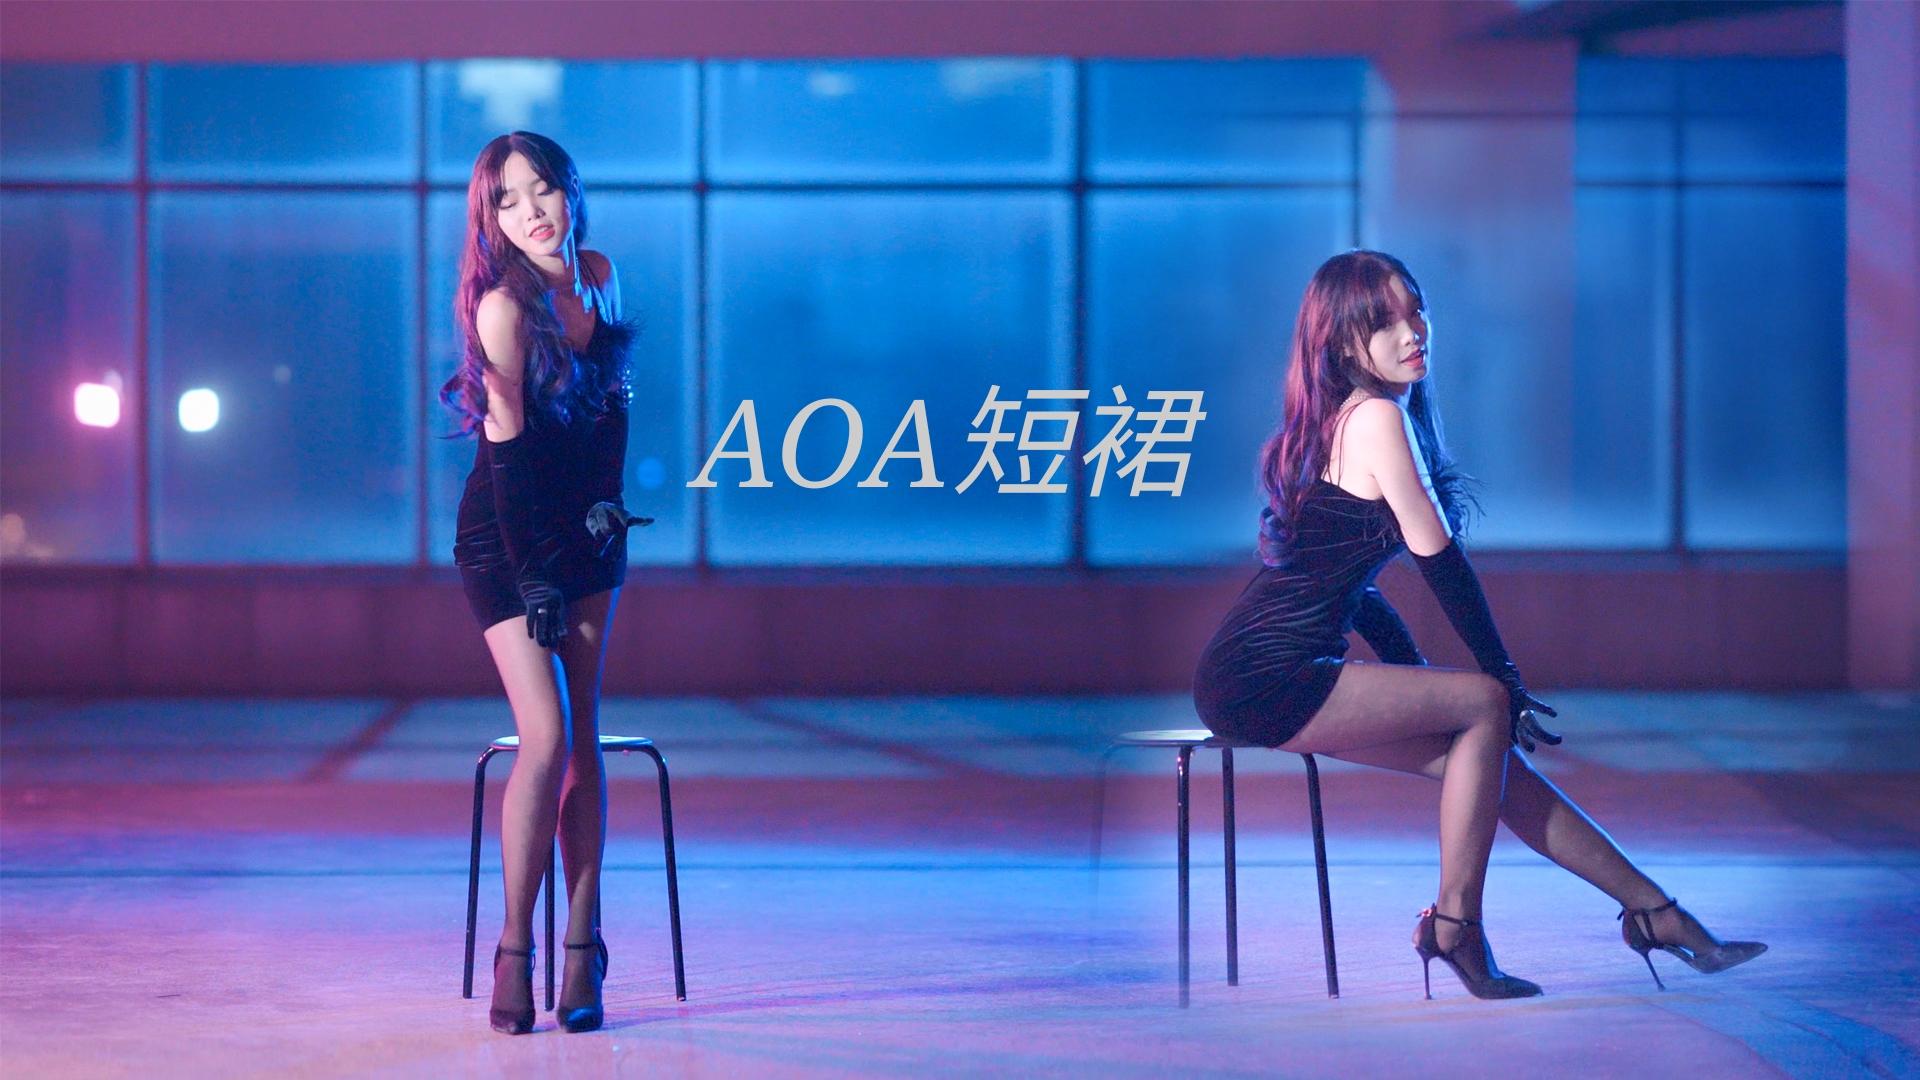 【慕】AOA短裙~Queendom~穿上绚烂的高跟鞋,却唯独你对我视而不见